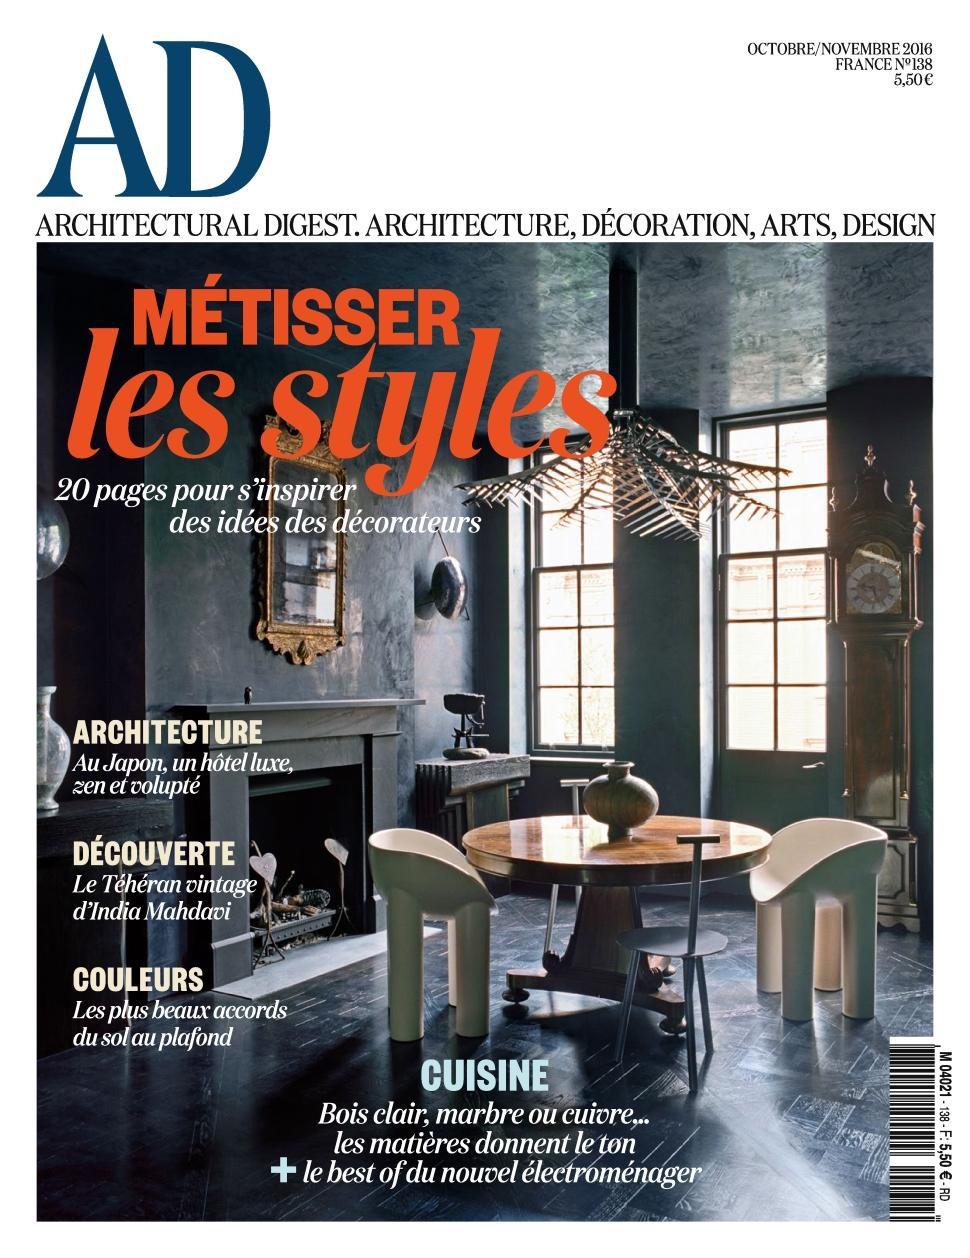 AD France 138 - Octobre/Novembre 2016